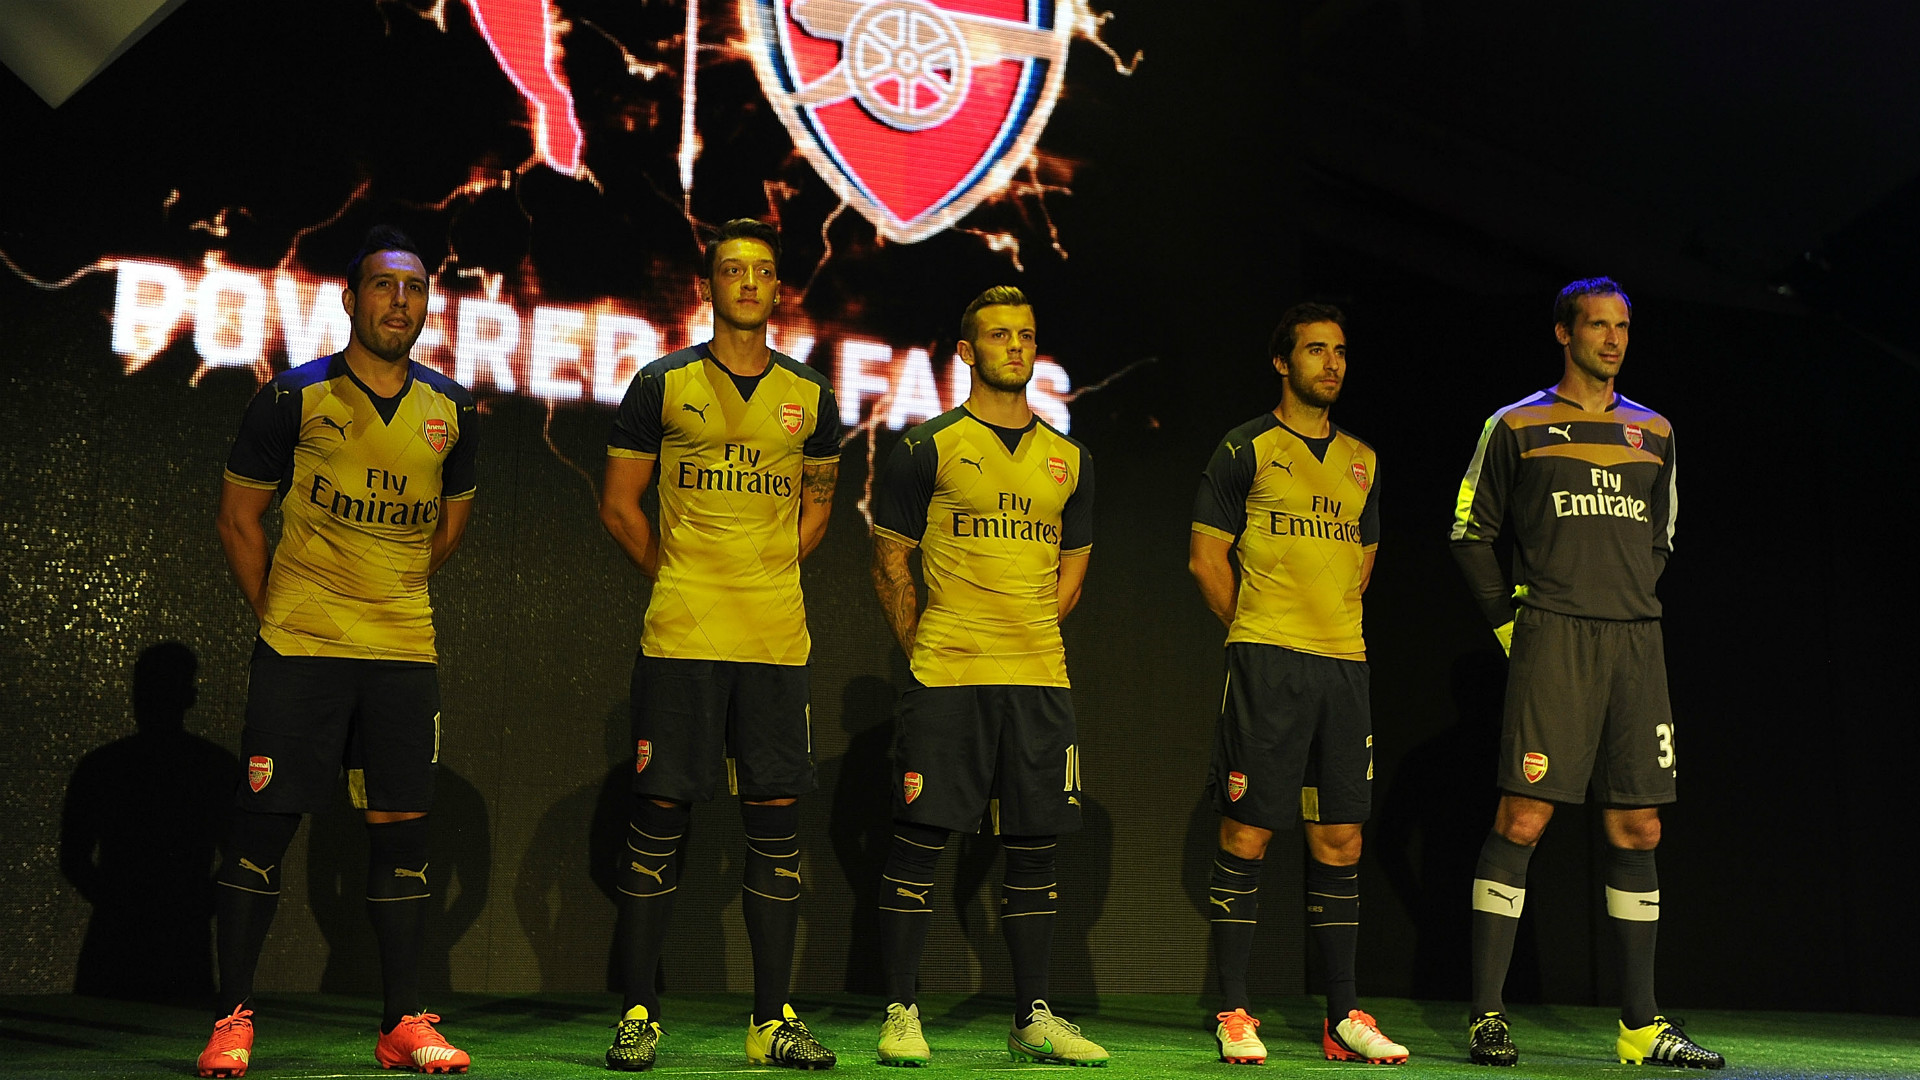 brand new 37e7a b1910 Arsenal reveal new away kit for 2015-16 | Goal.com